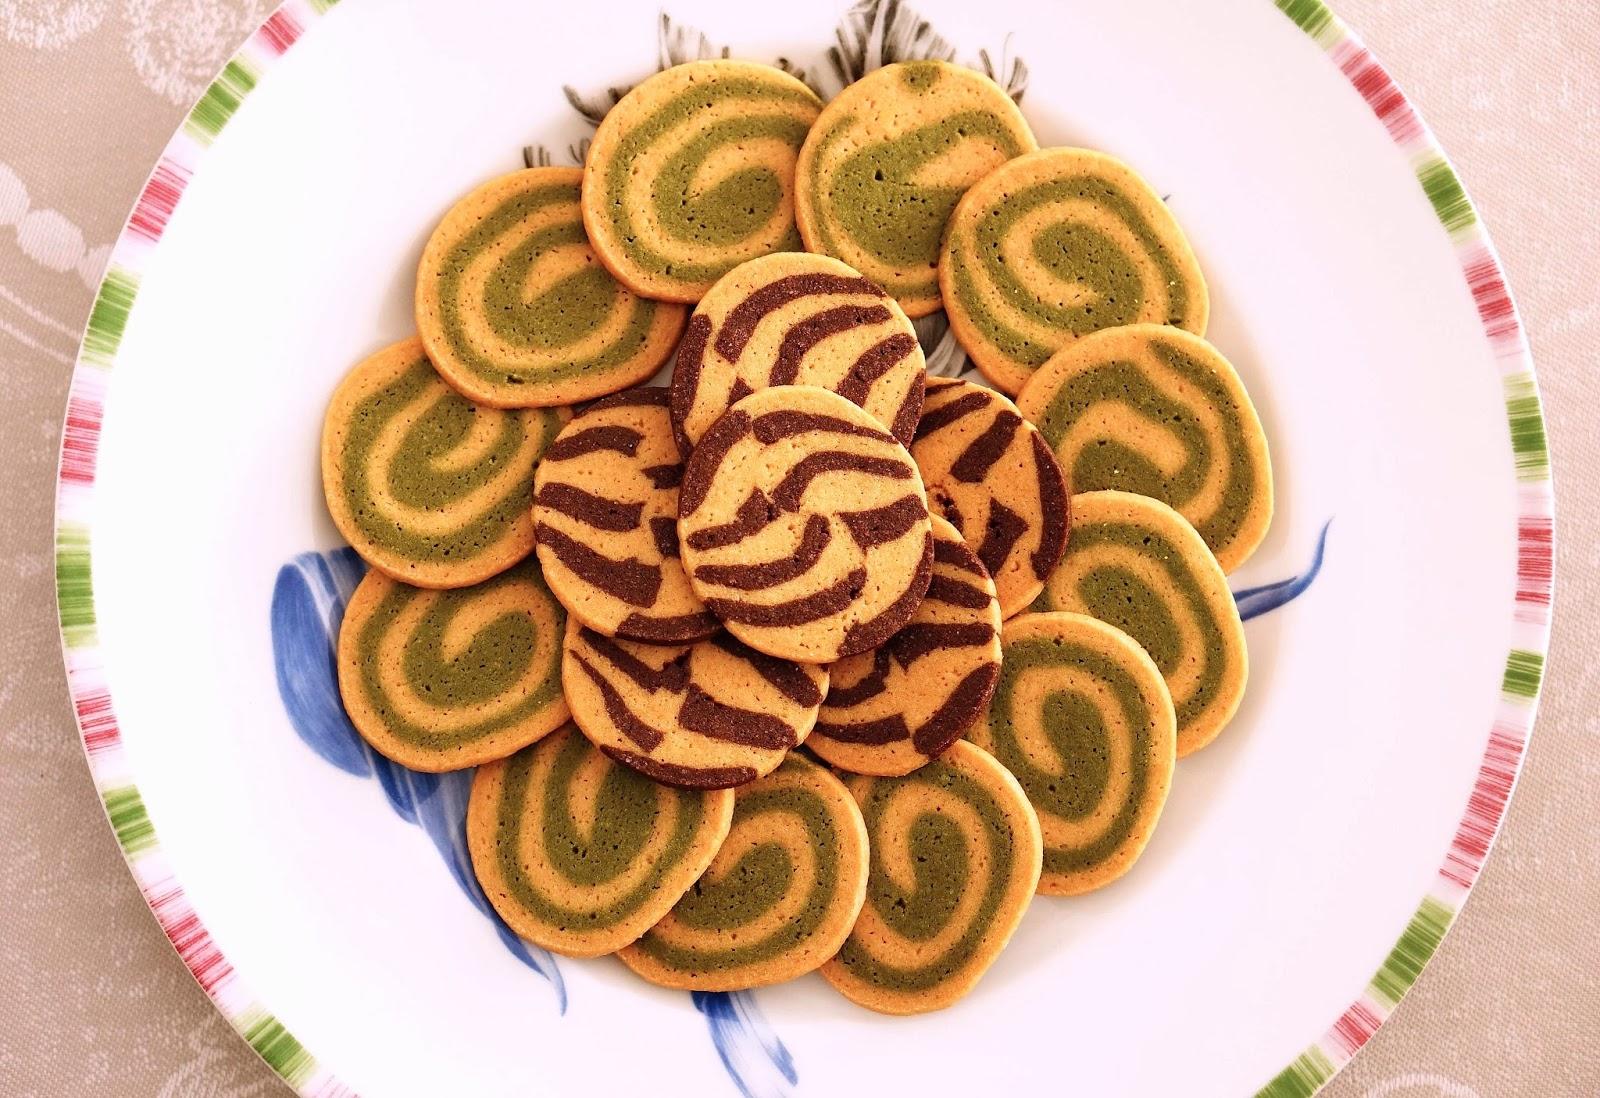 「山本道子の店」のクッキーは絶品!贈り物にもおすすめの人気商品をご紹介!